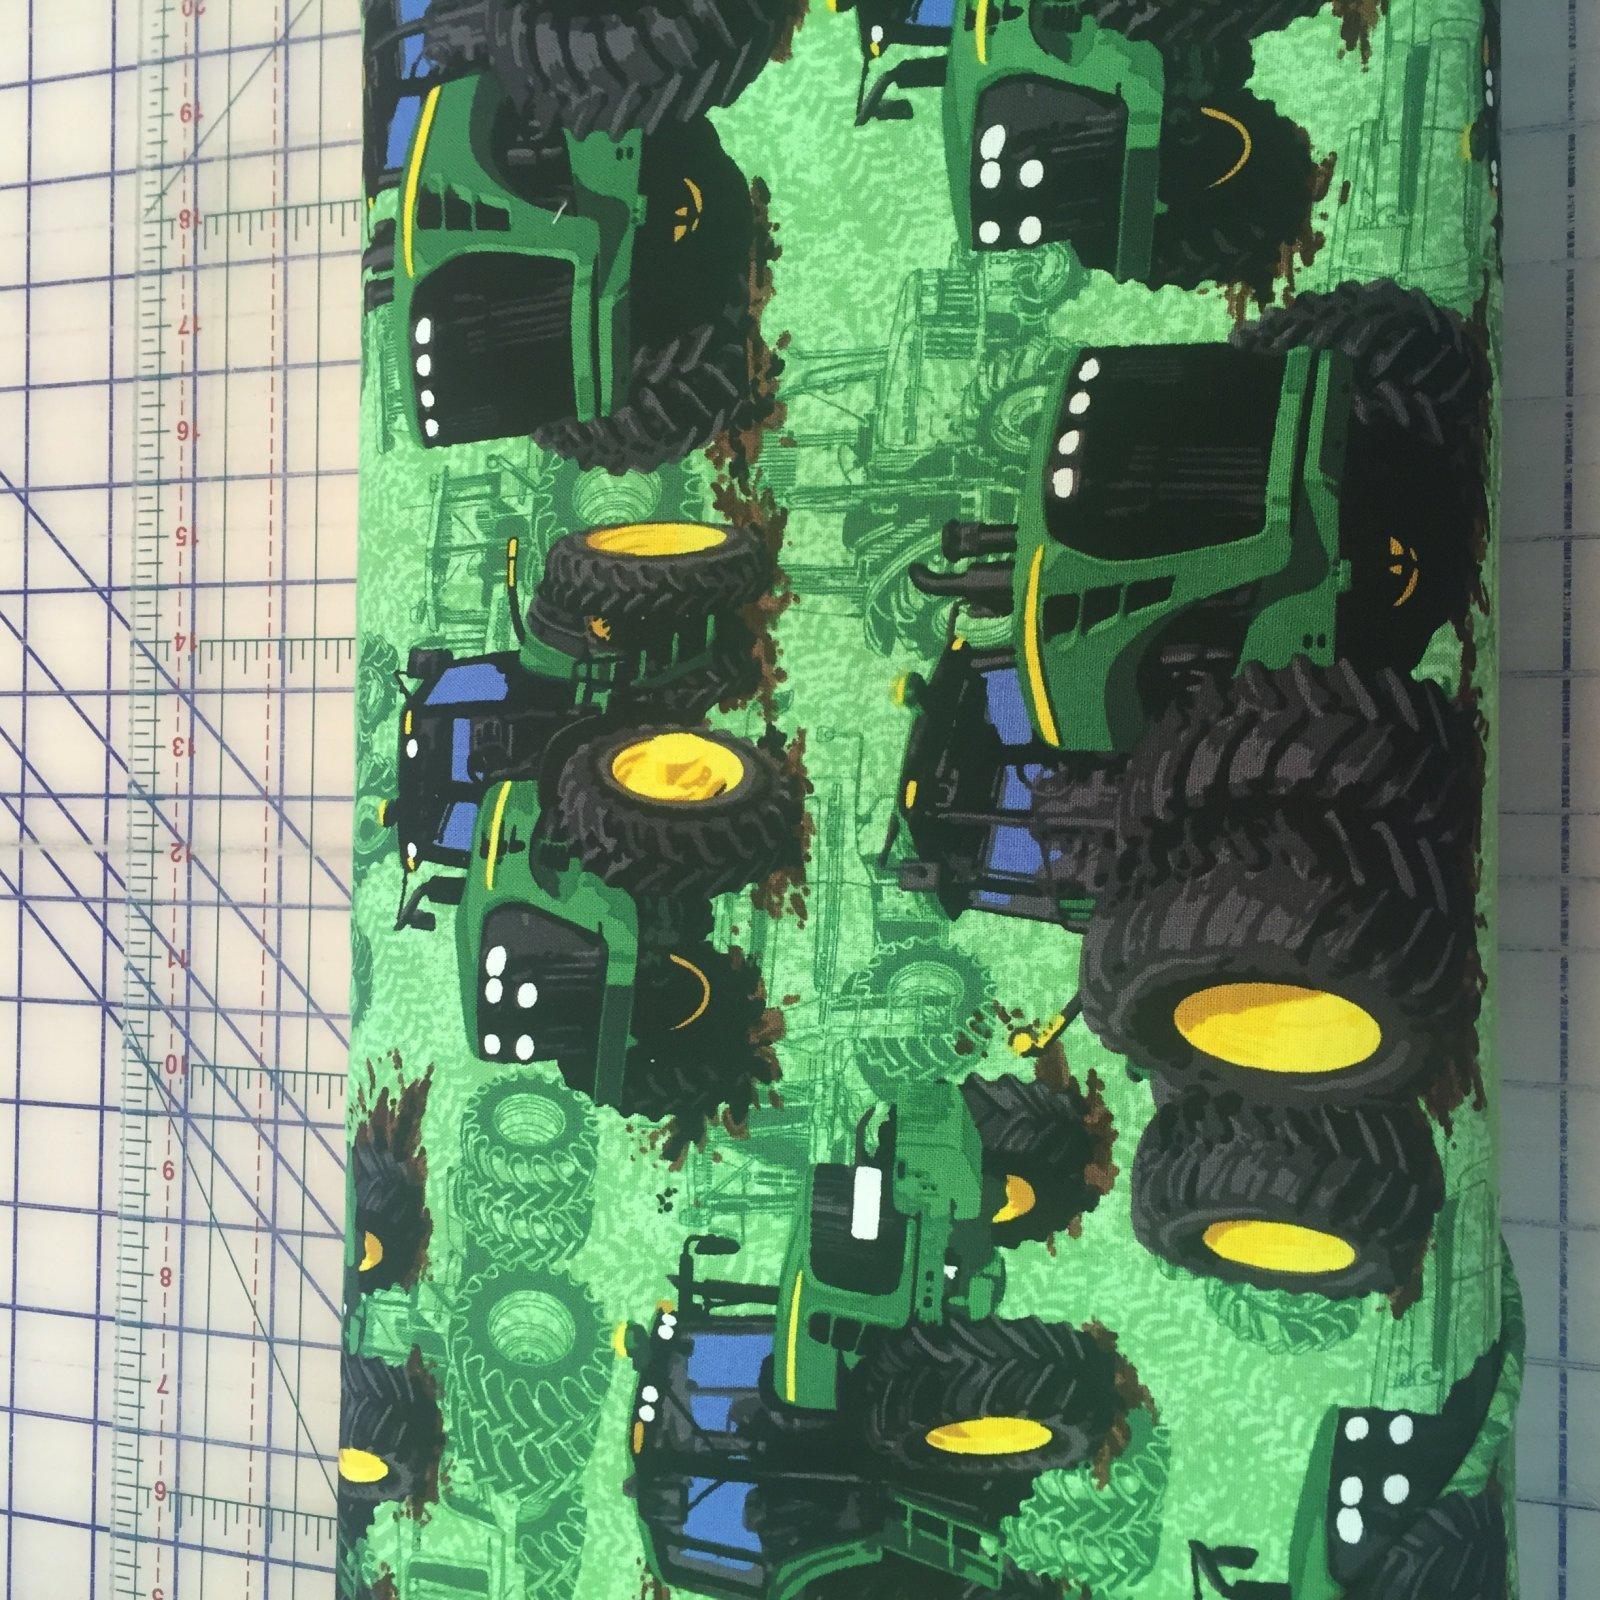 John Deere Tractor on Green